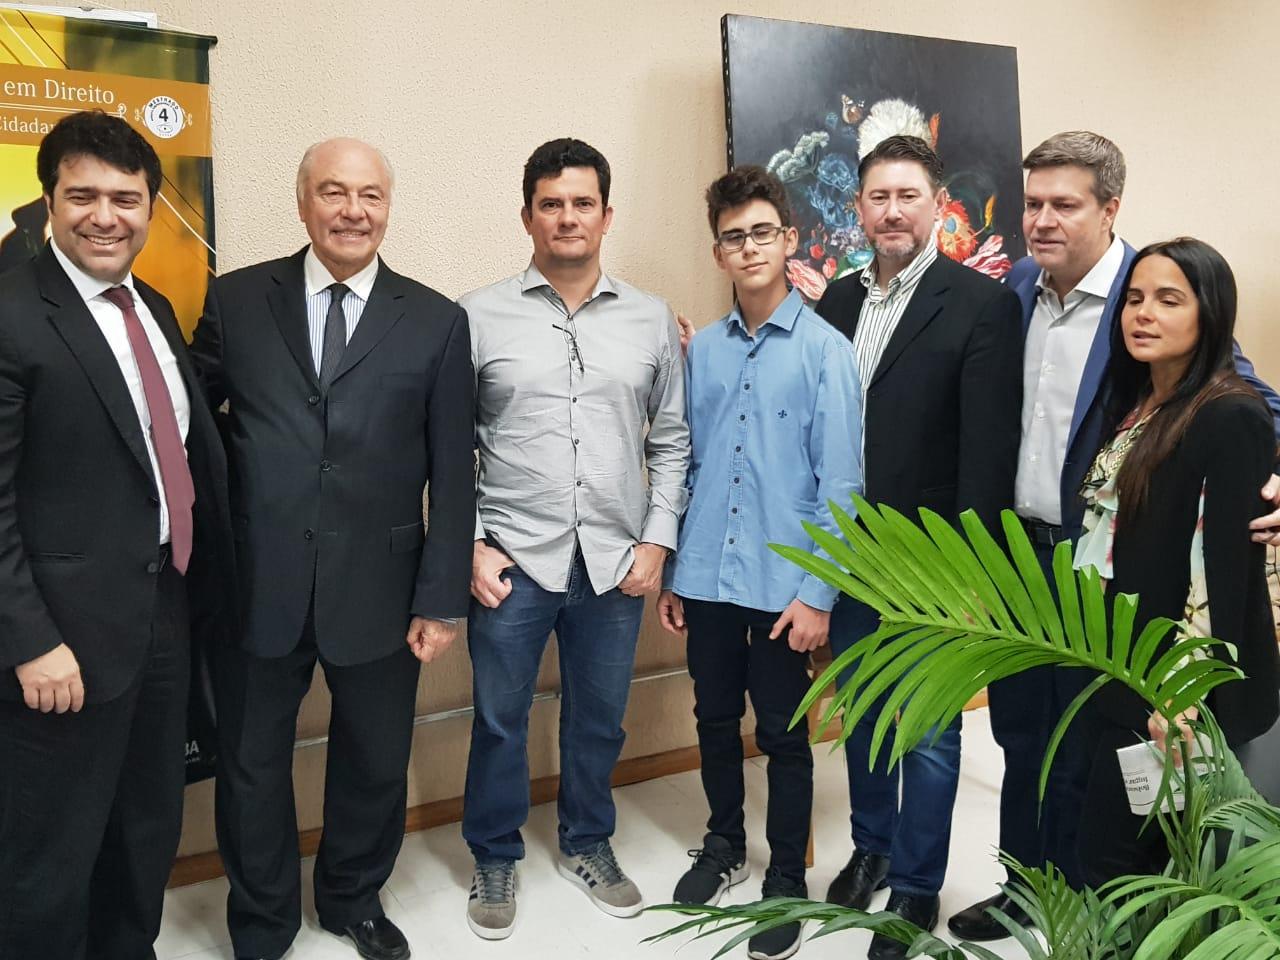 Profesor de la UBP paticipó del III congreso de tutela Jurídica